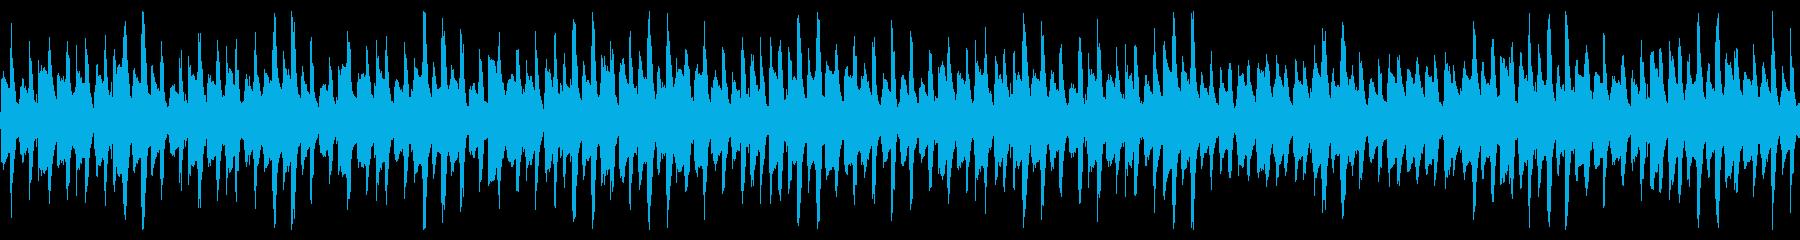 【メロリズムベース抜き】明るく爽やかなPの再生済みの波形